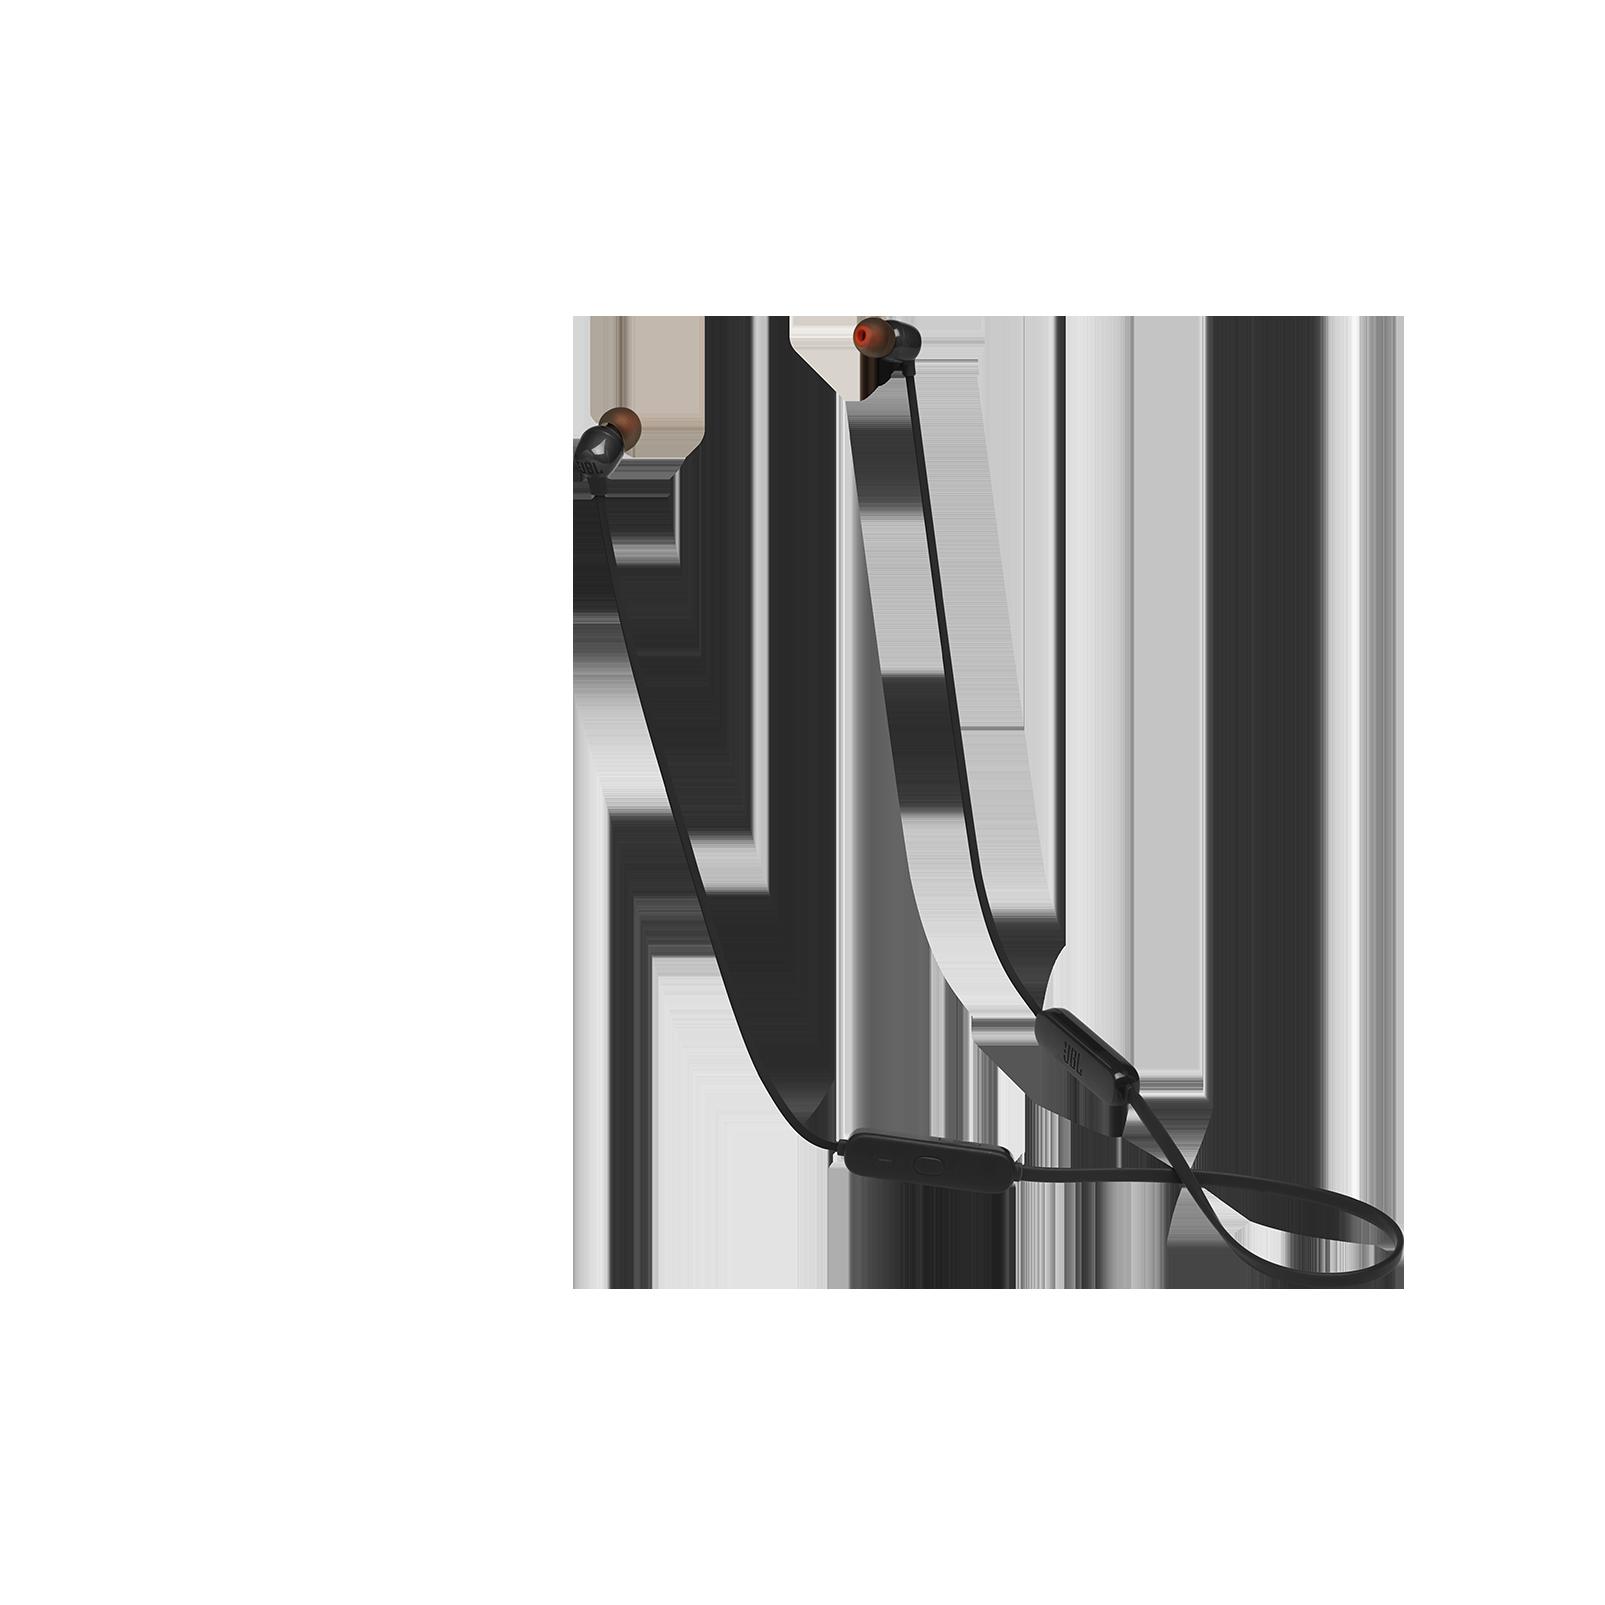 JBL TUNE 115BT - Black - Wireless In-Ear headphones - Hero